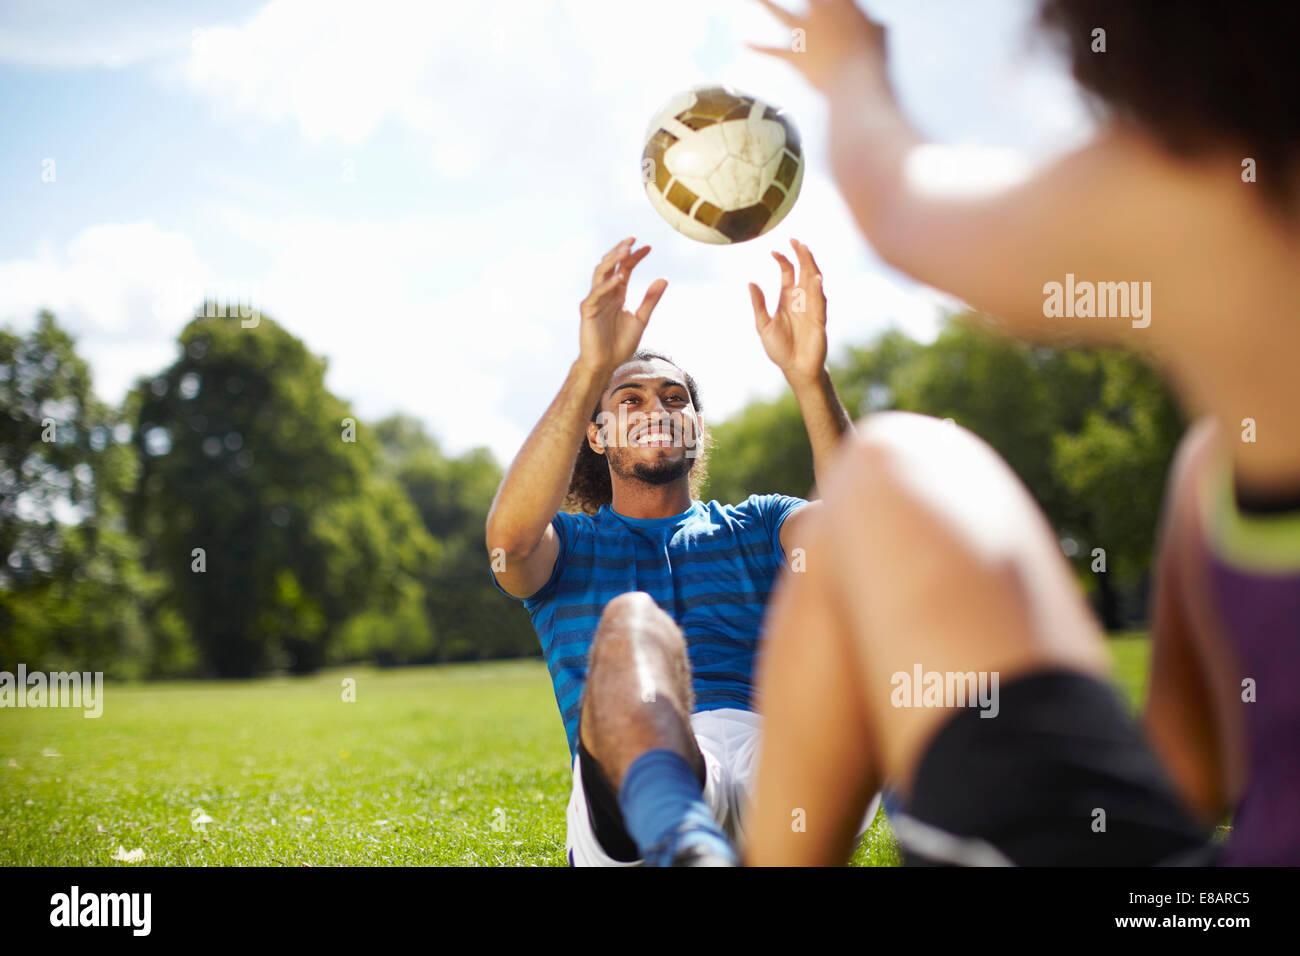 Pareja joven formación con una pelota de fútbol en el parque Imagen De Stock